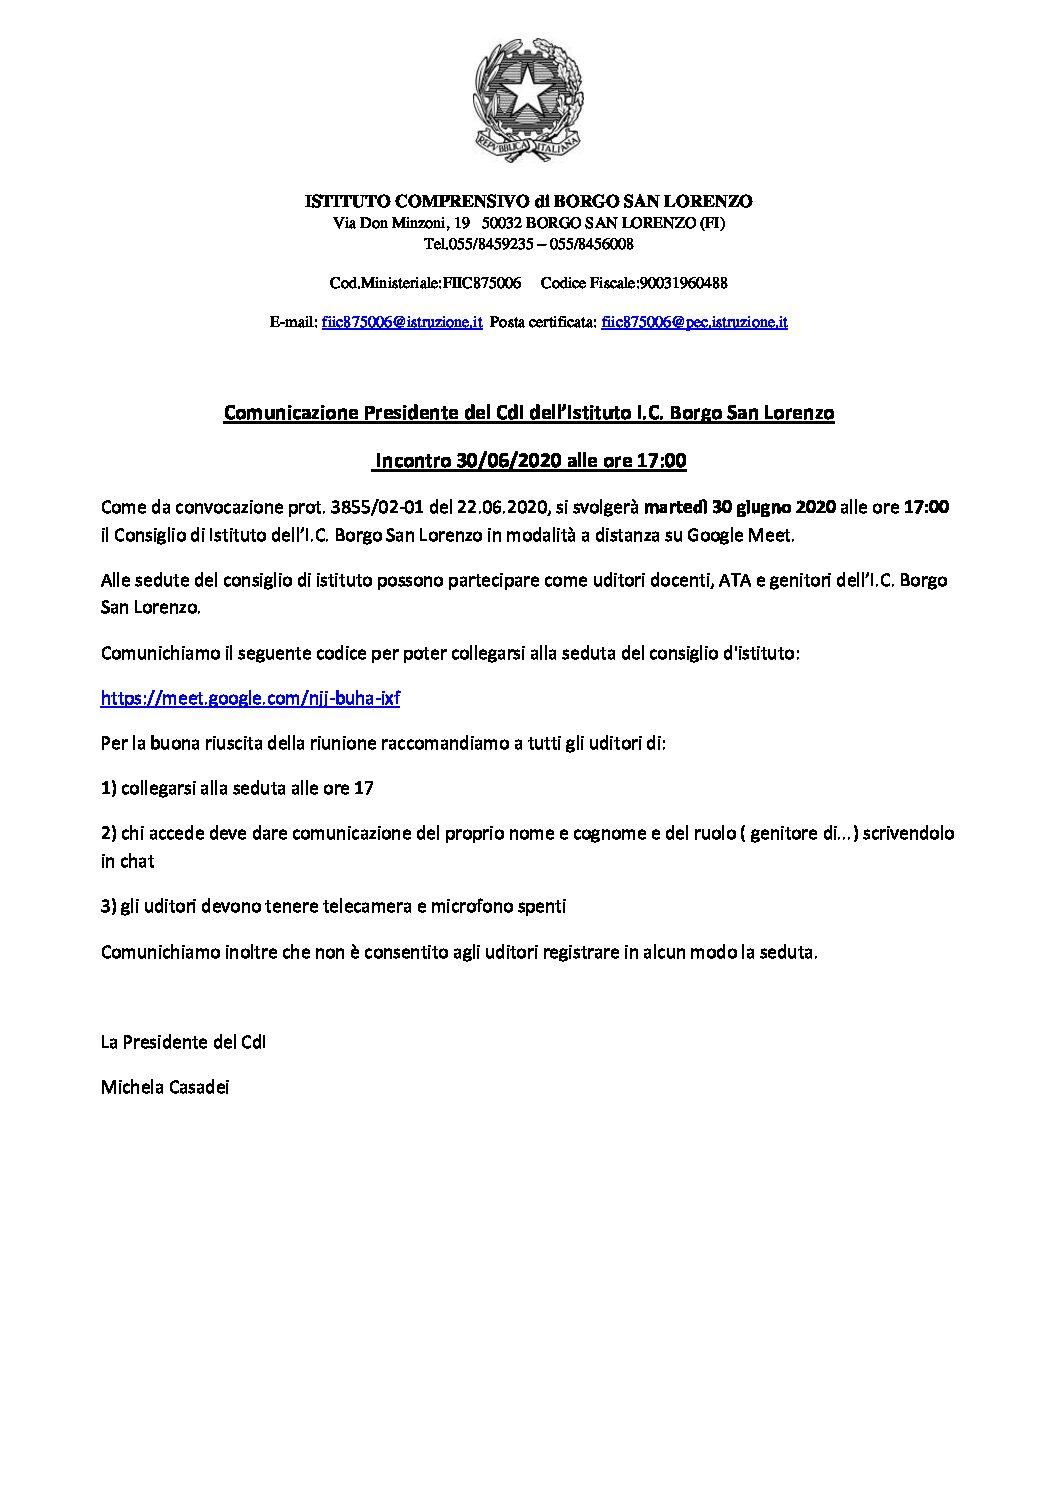 Comunicazione Presidente del CdI dell'Istituto I.C. Borgo San Lorenzo – Incontro 30/06/2020 alle ore 17:00